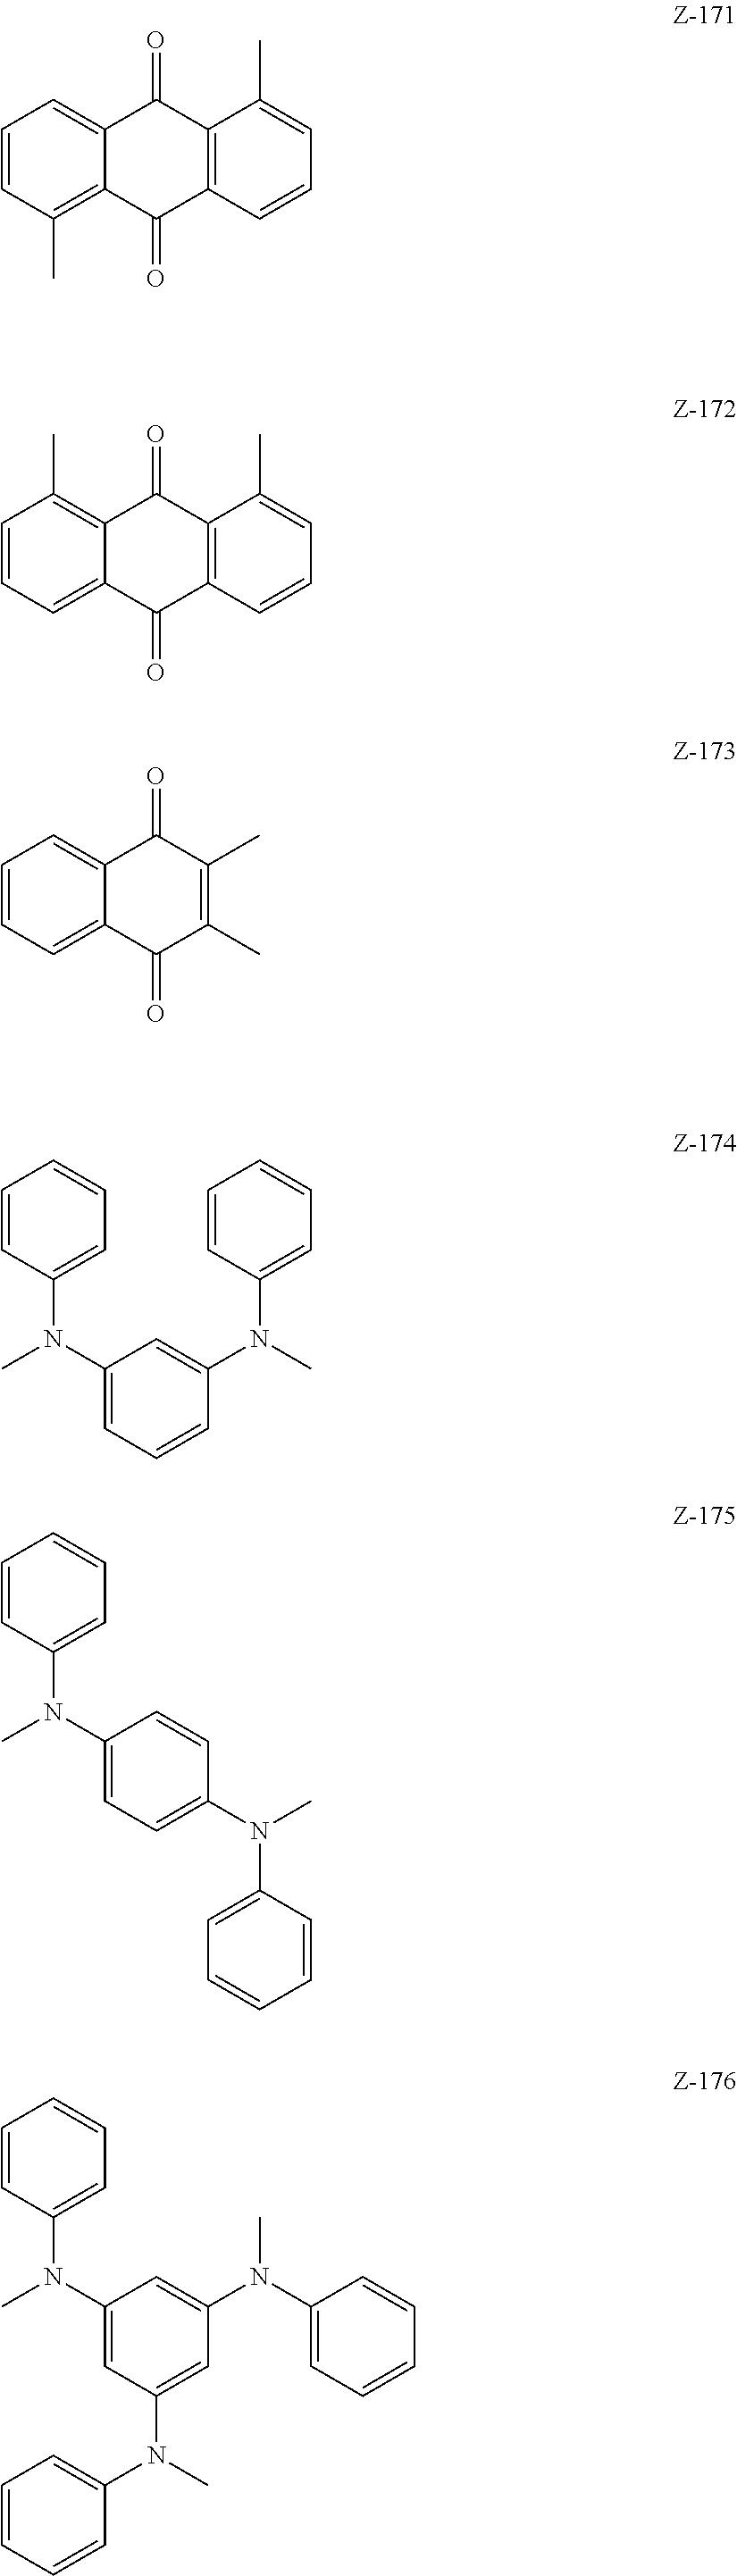 Figure US20110215312A1-20110908-C00051